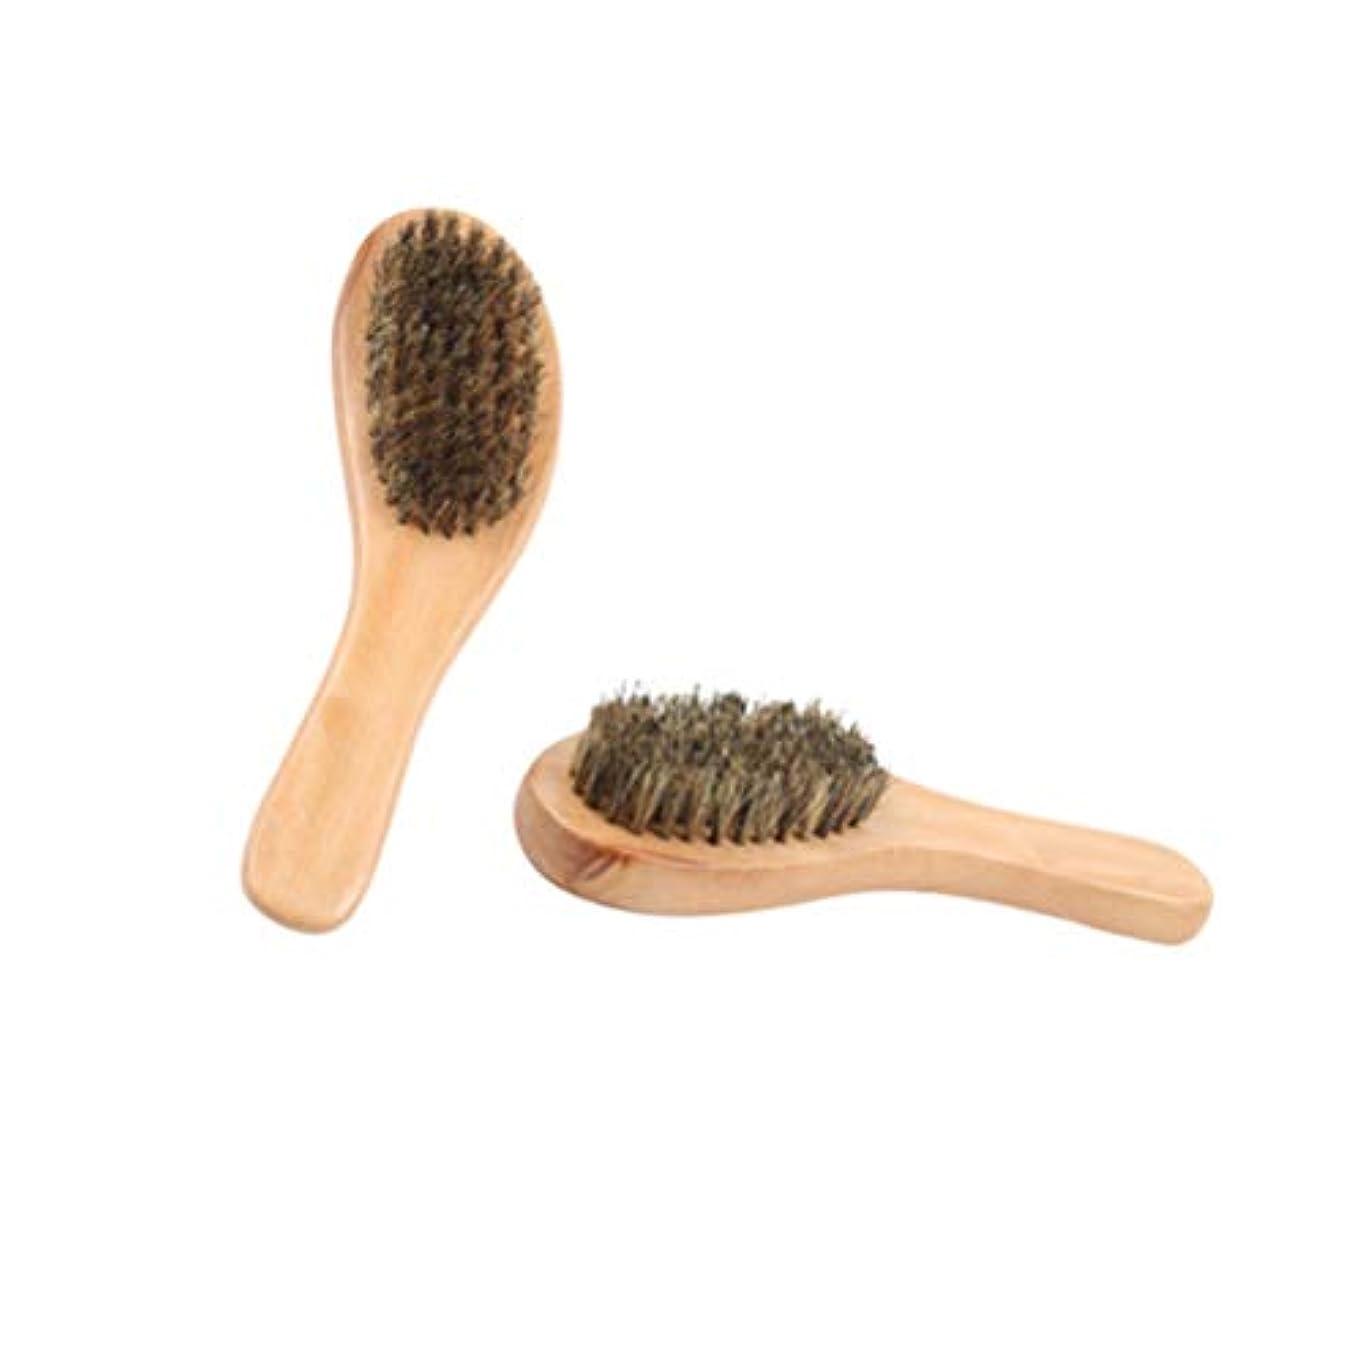 若い瞬時に適応するSUPVOX 靴磨き用ブラシ磨き靴用ブラシ剛毛クリーニングブラシ家庭用ショップ用ウッドハンドル付きクリーナー2pcs(カラー1)